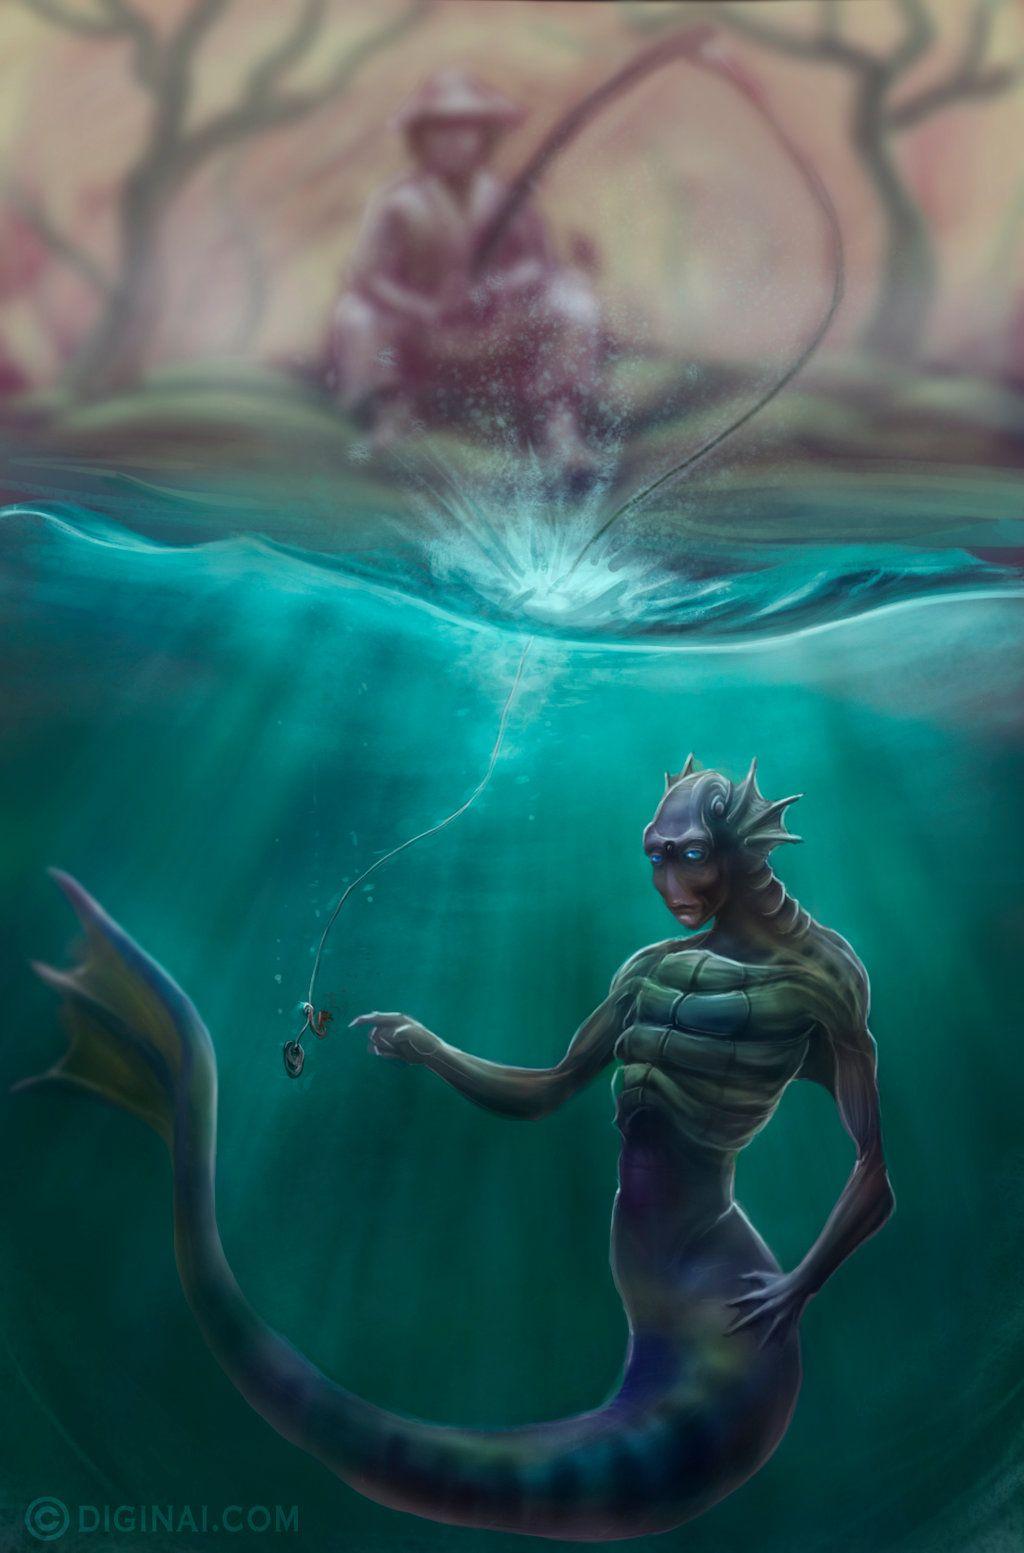 monstruos y fantasia 1 by diginai.deviantart.com on @DeviantArt